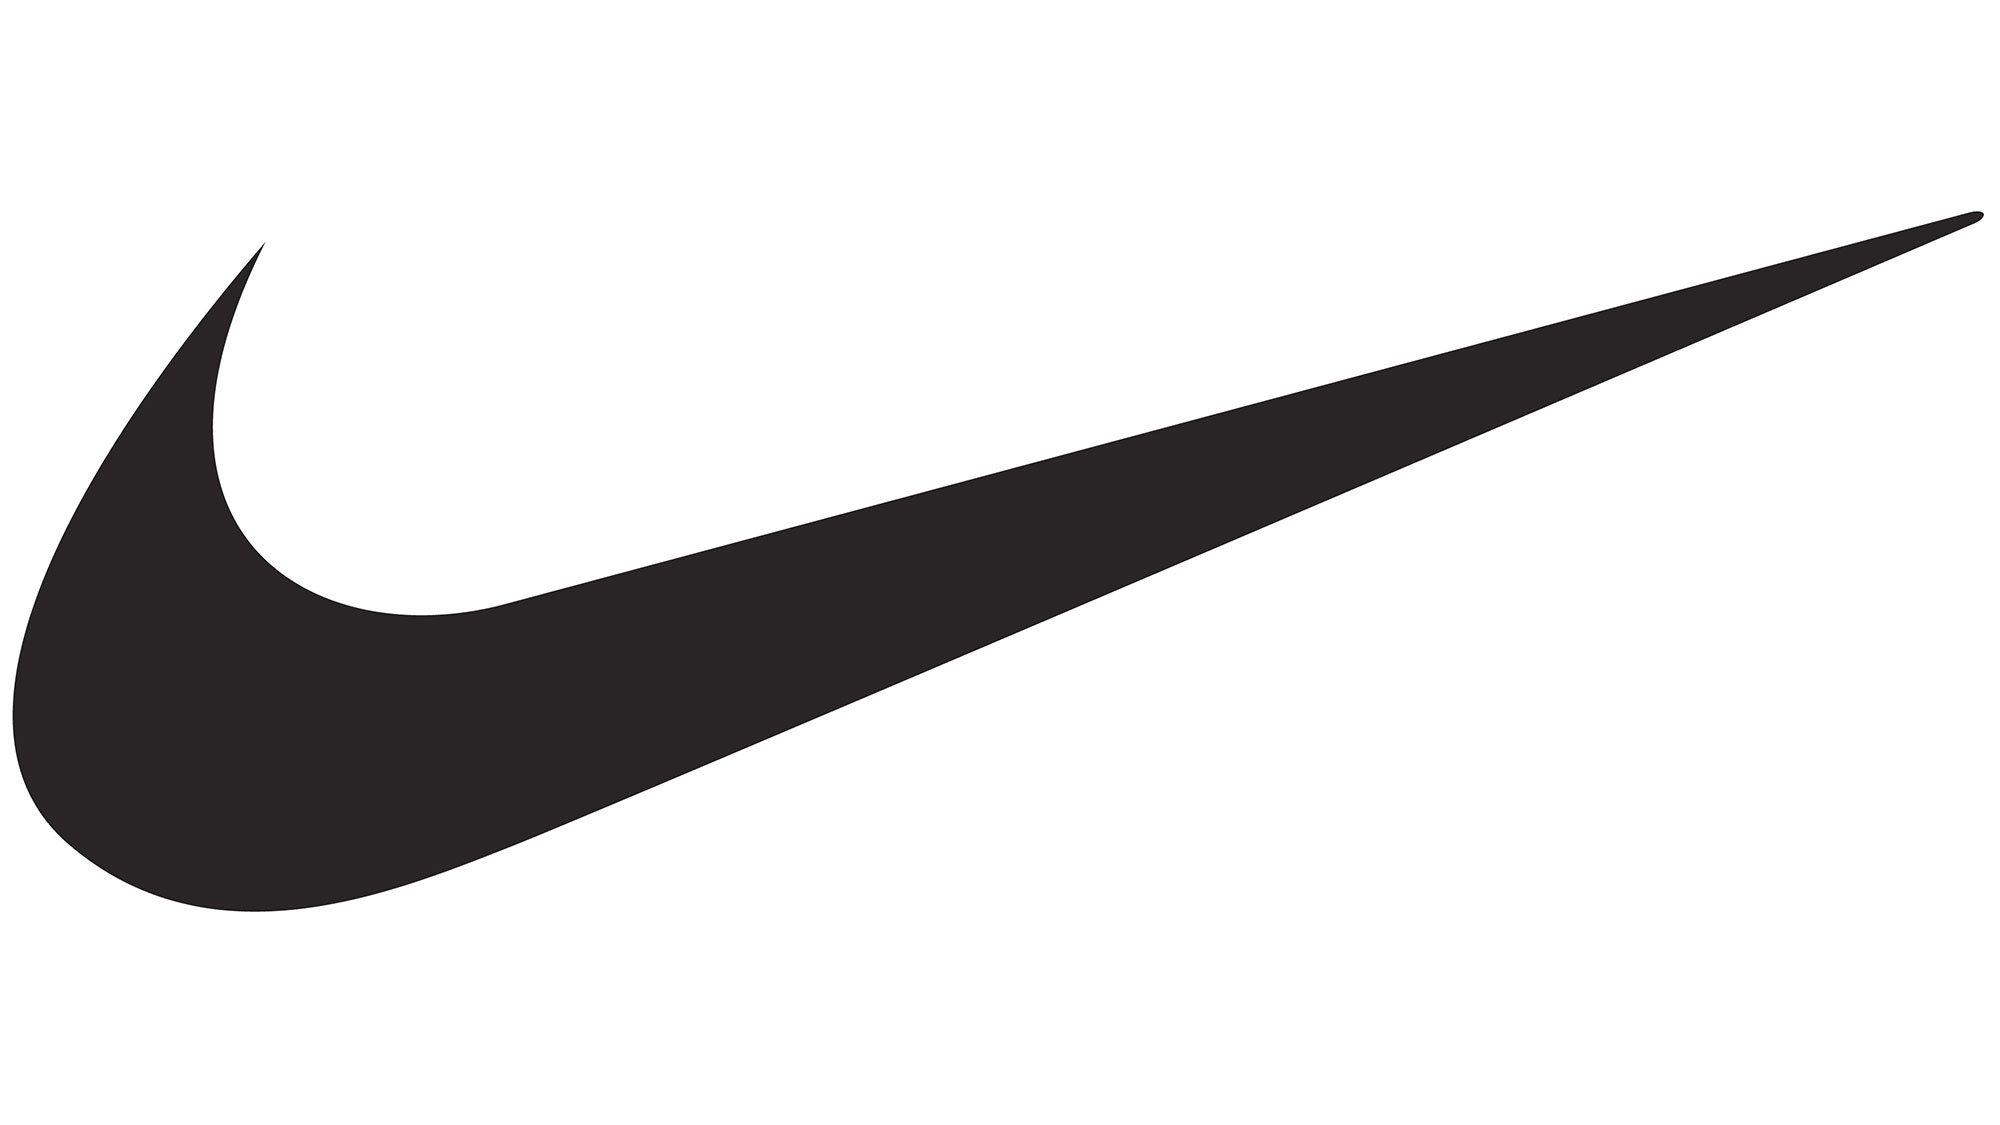 Nike Fakten den wichtigsten über Die Das Logo Swoosh ikZPuX